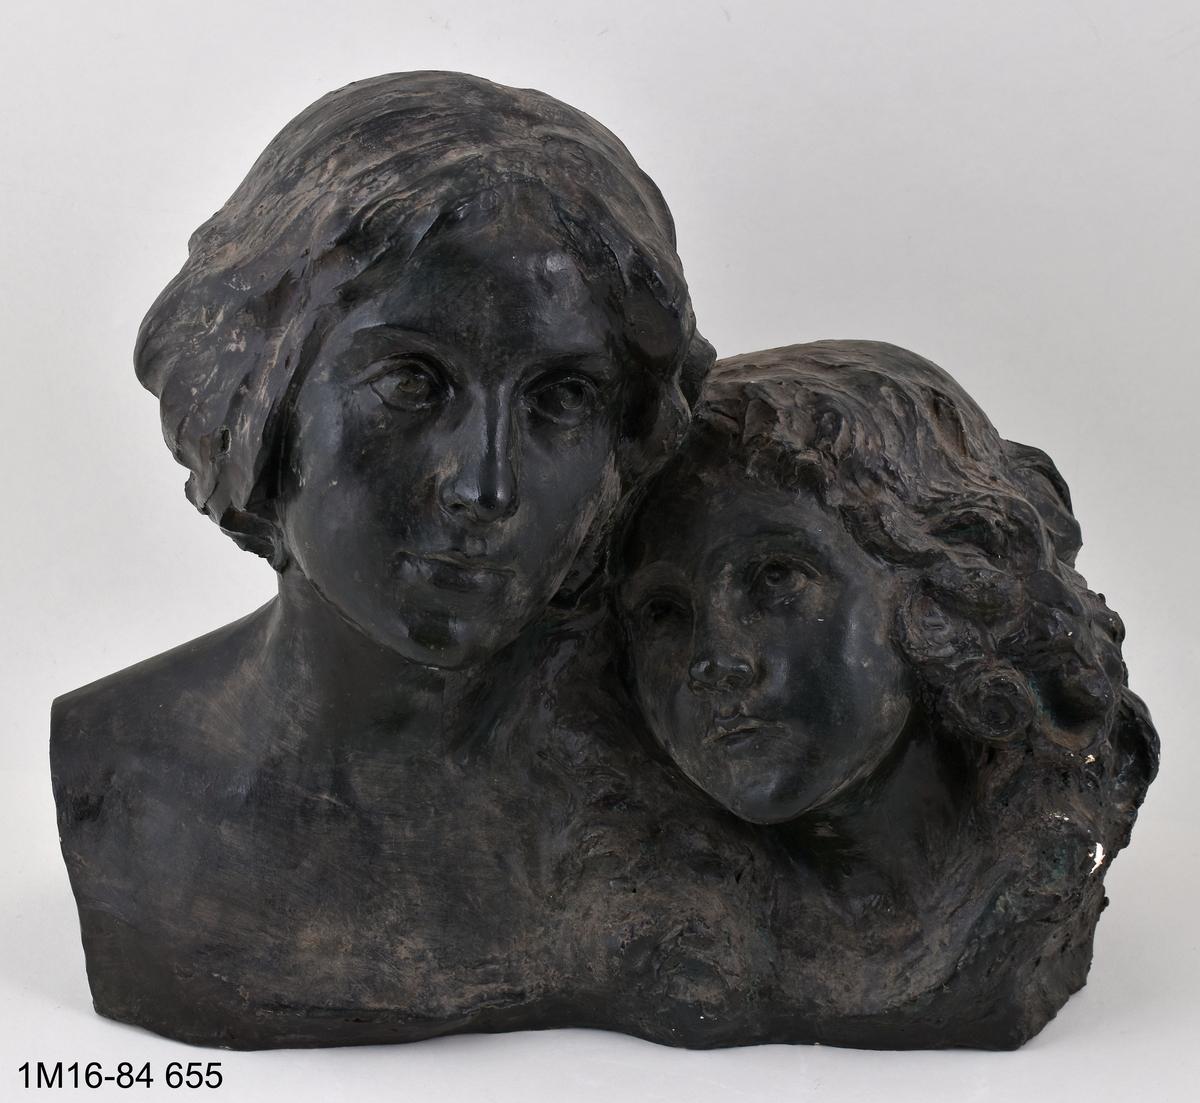 Skulptur, mor och dotter, grönmålad.